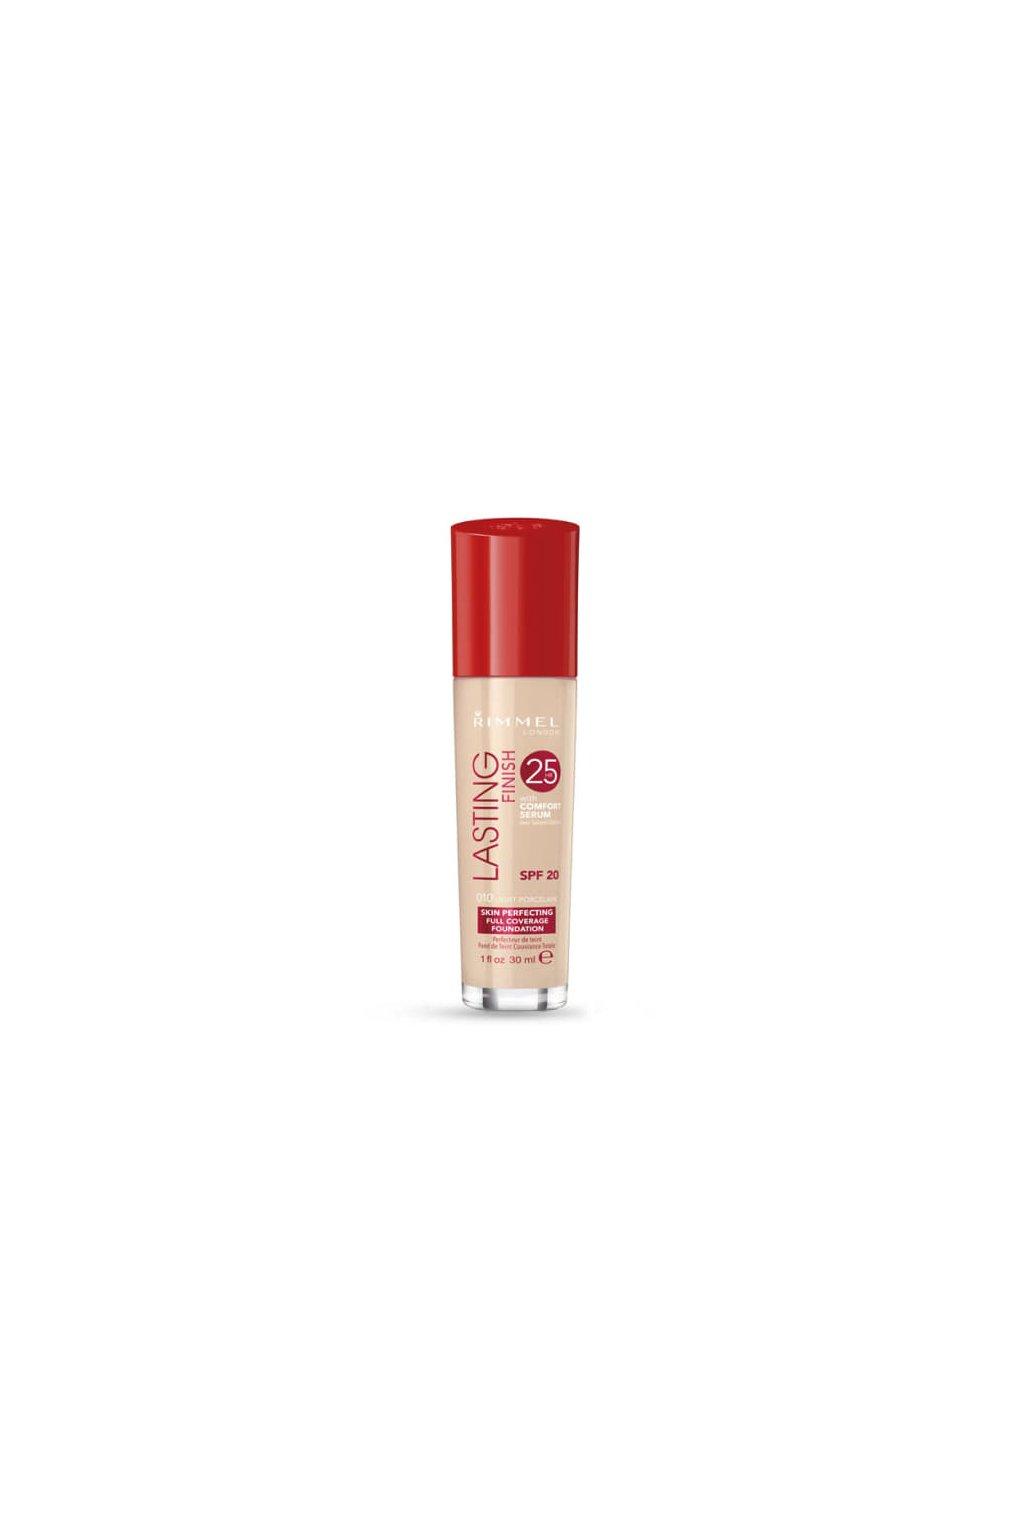 rimmel london lasting finish 25hr spf20 makeup pro zeny 30 ml odstin 010 light porcelain